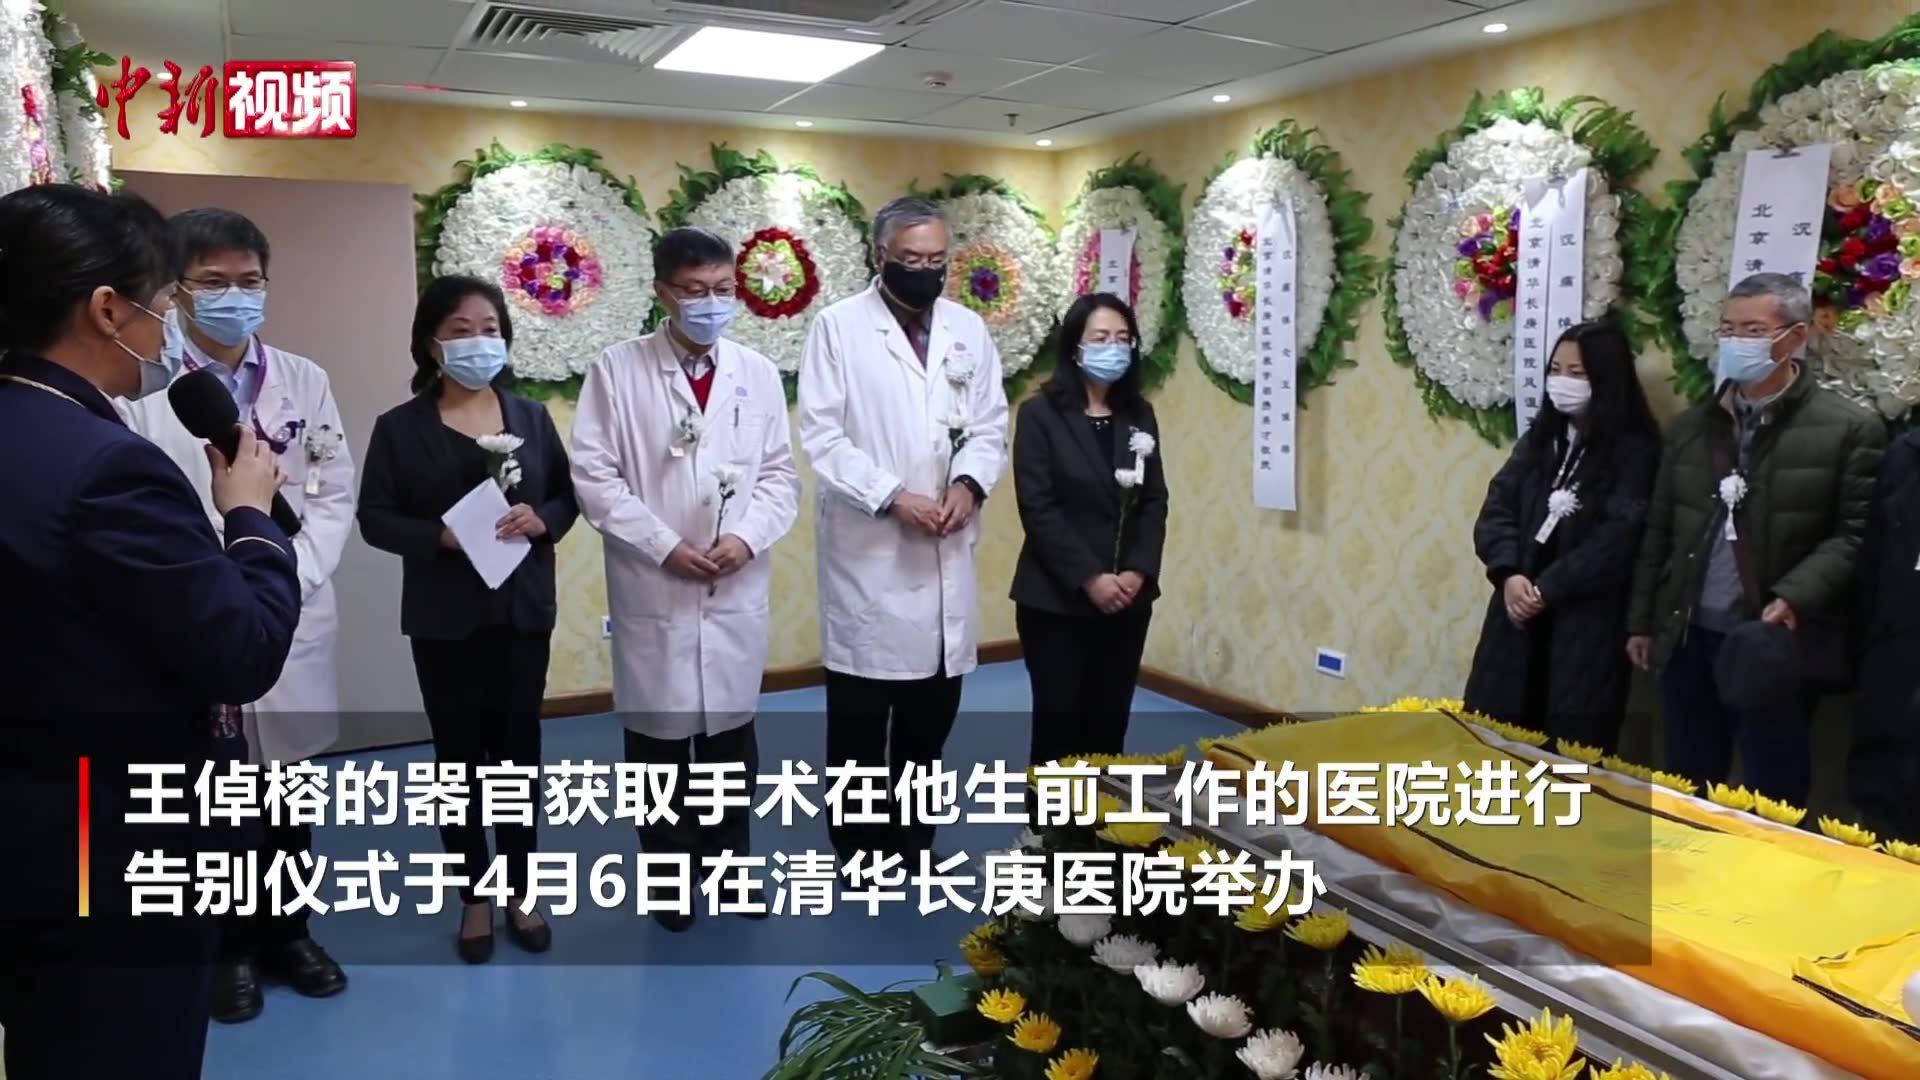 致敬!27岁医生意外去世,捐赠器官挽救5位重症患者